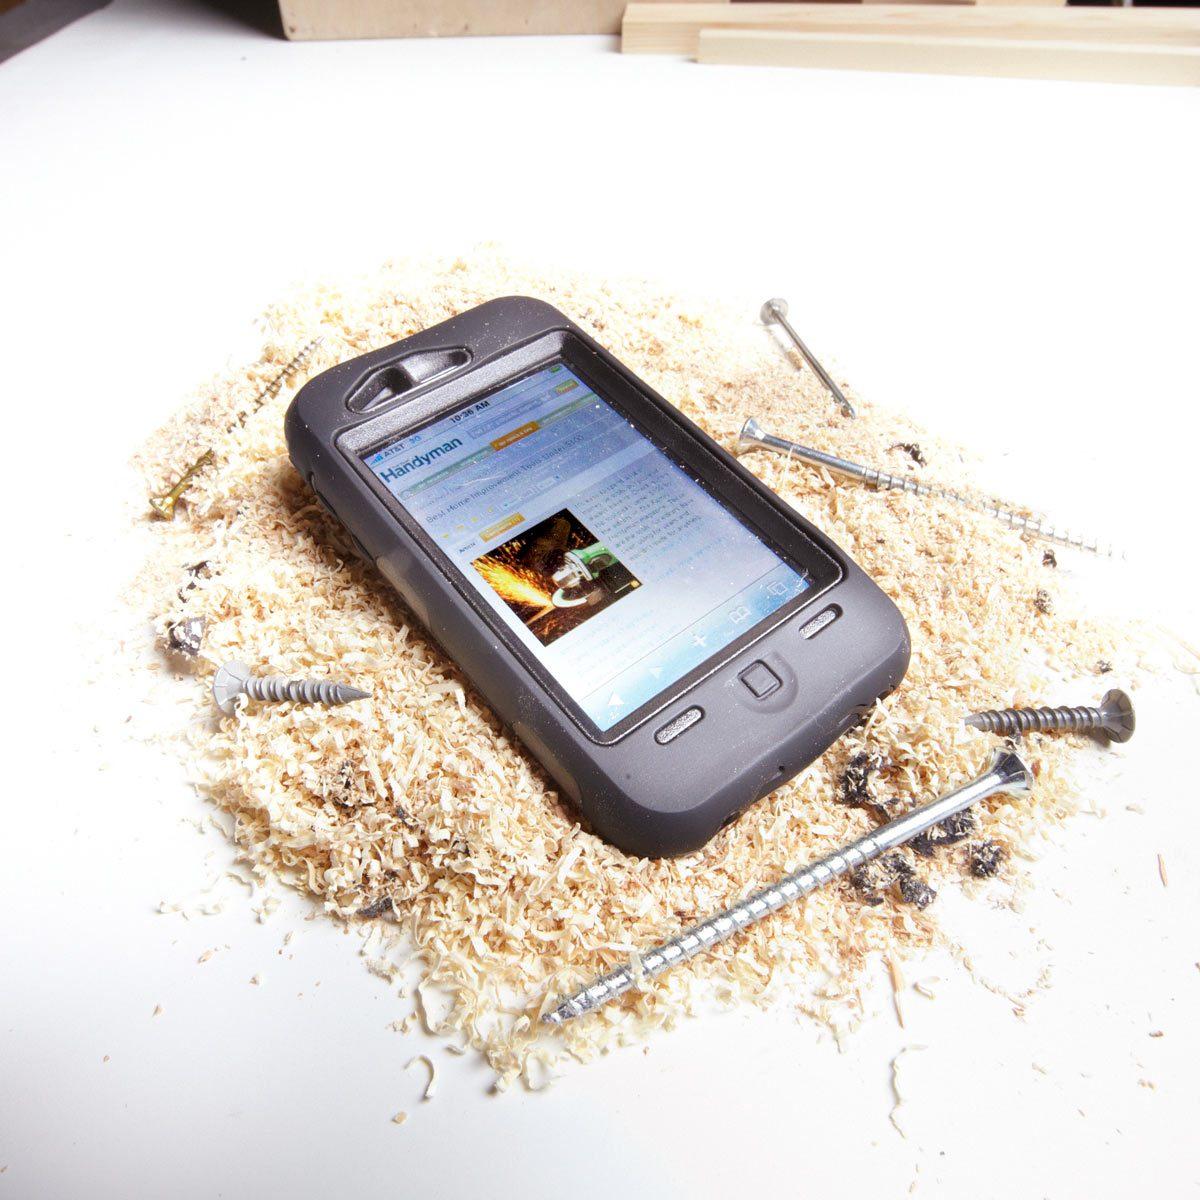 Get Measurement Apps